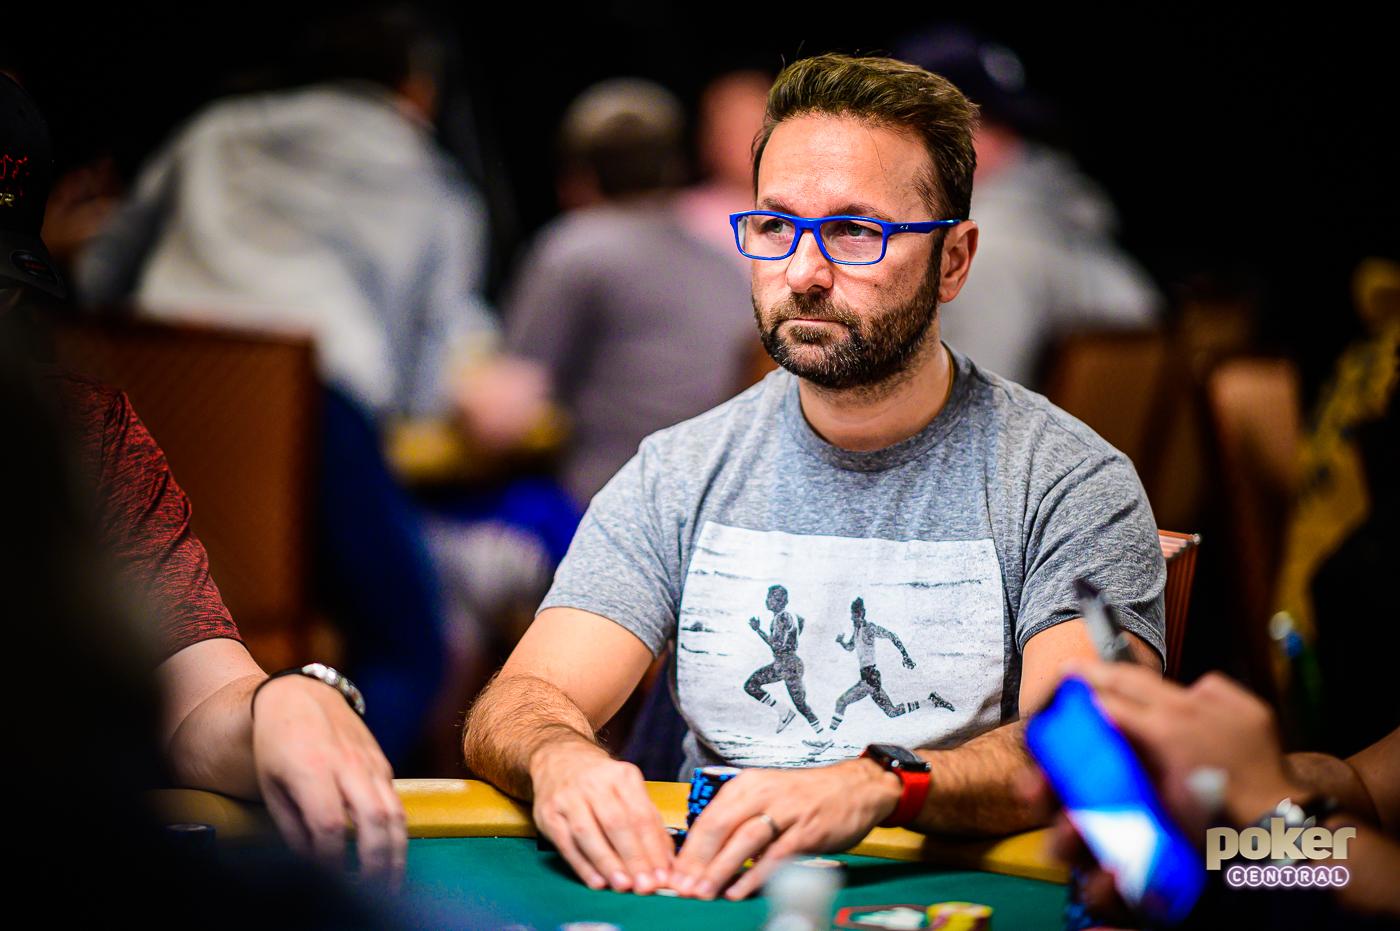 Daniel Negreanu is now an ambassador of GG Poker.